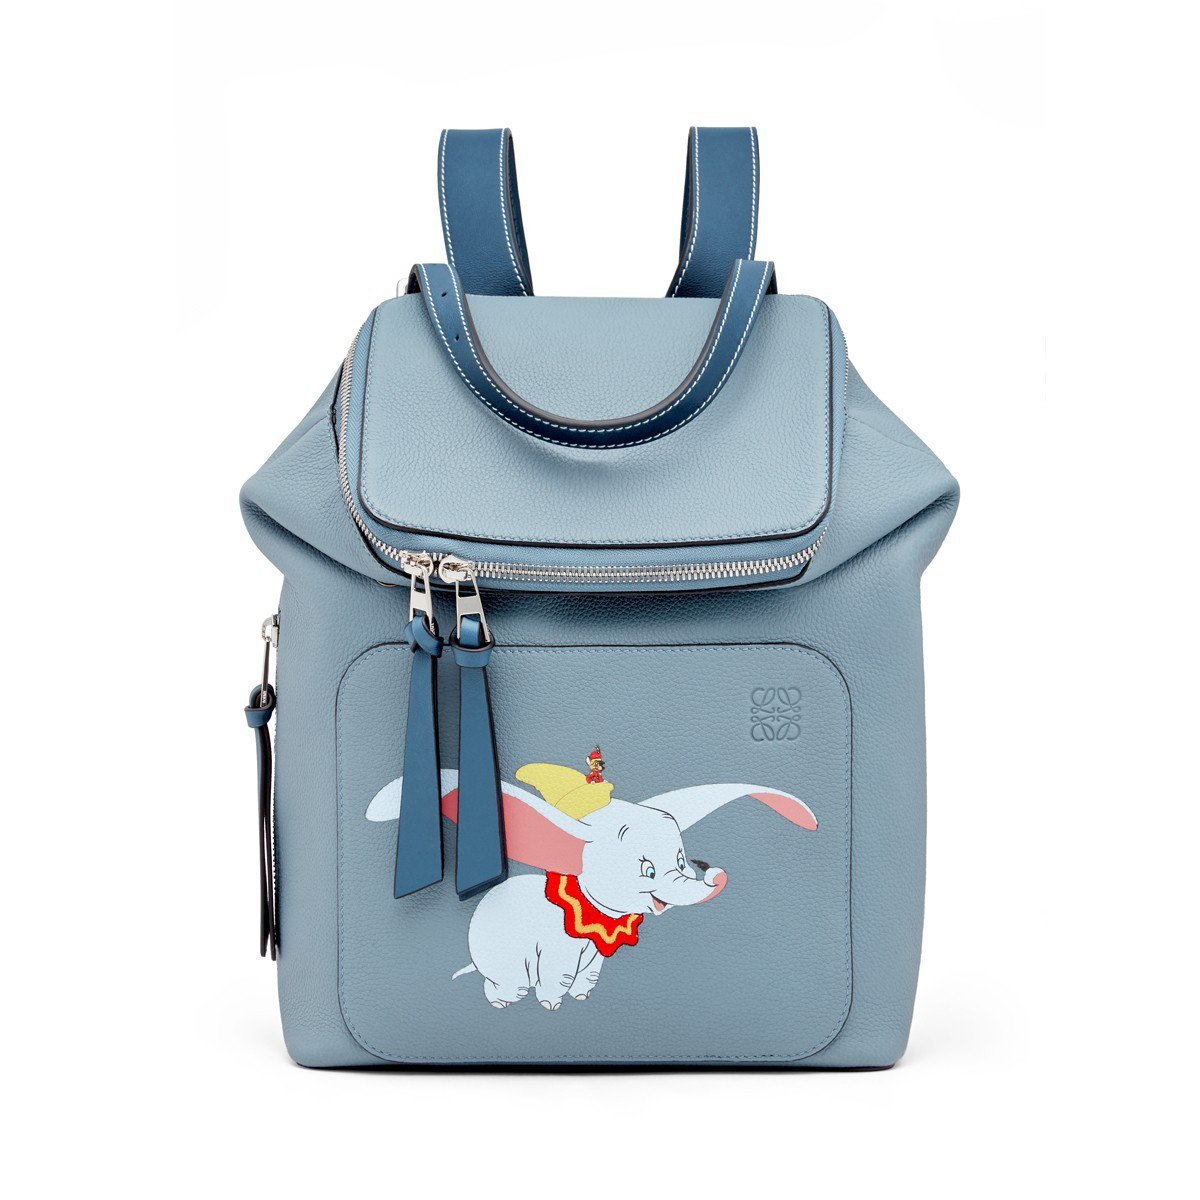 Goya石藍色小牛皮後背包(小),售價81,000元。圖/LOEWE提供